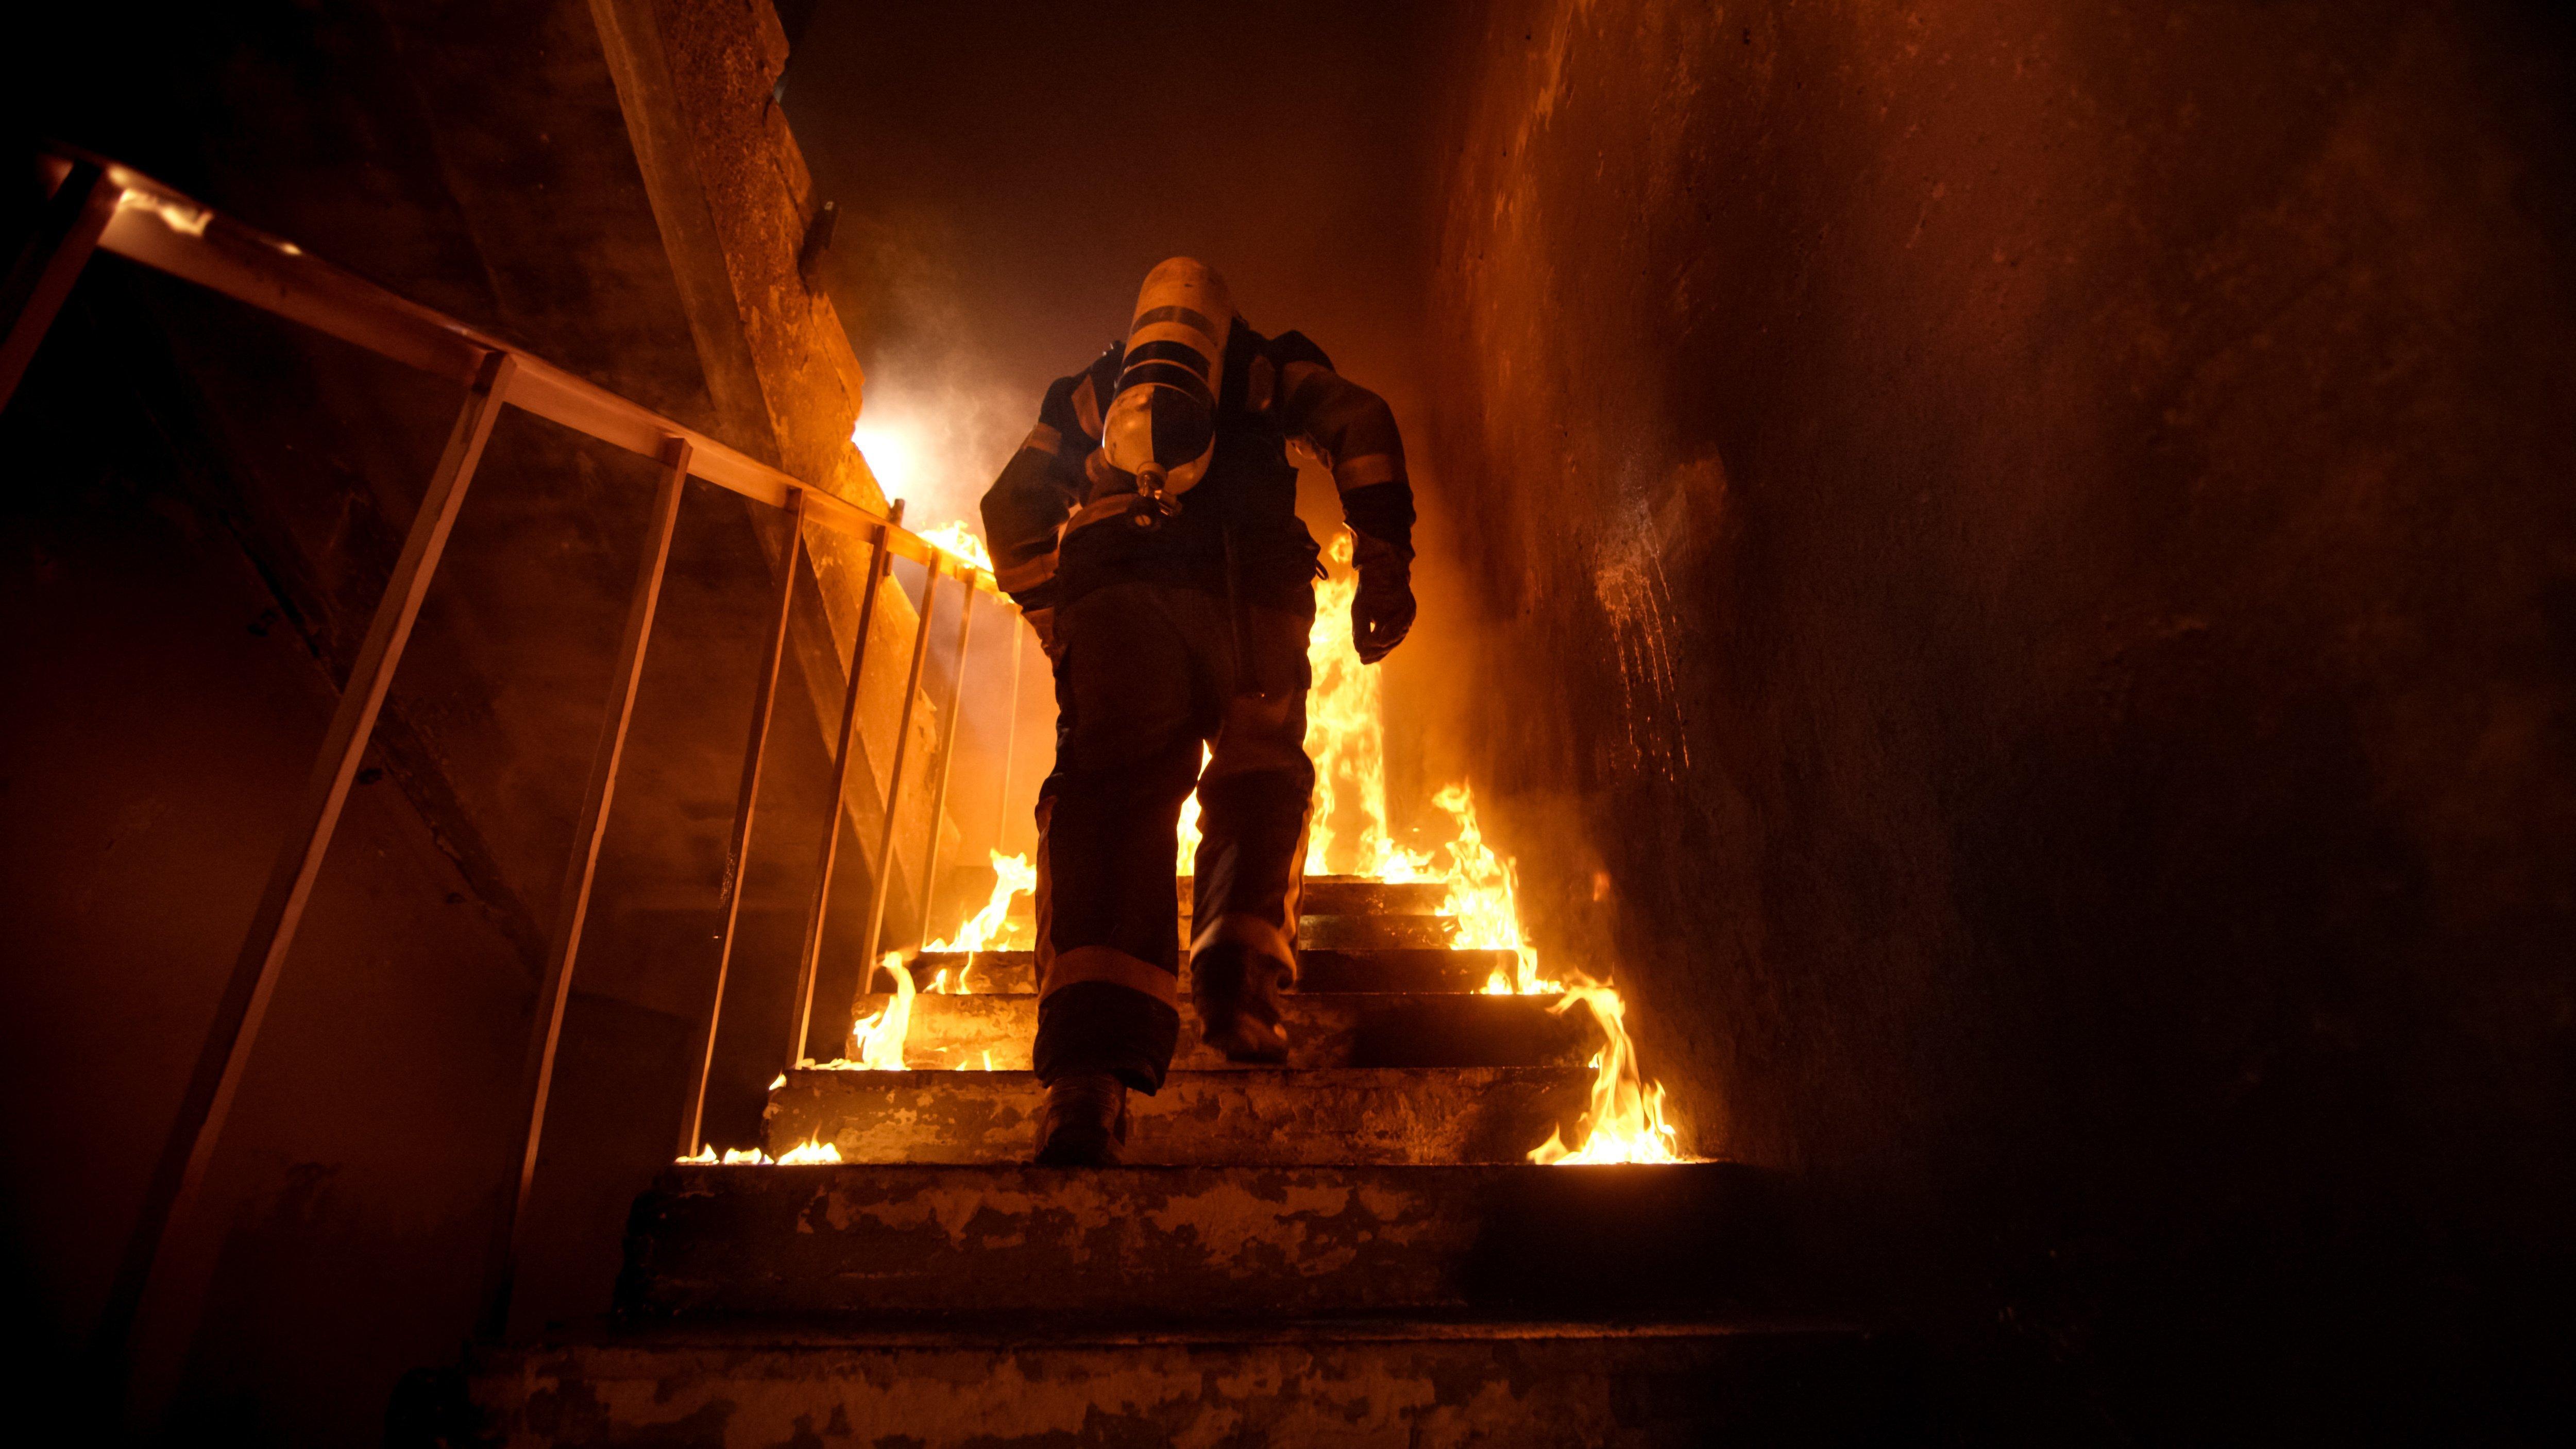 Un pompier dans un maison en feu | photo : shutterstock